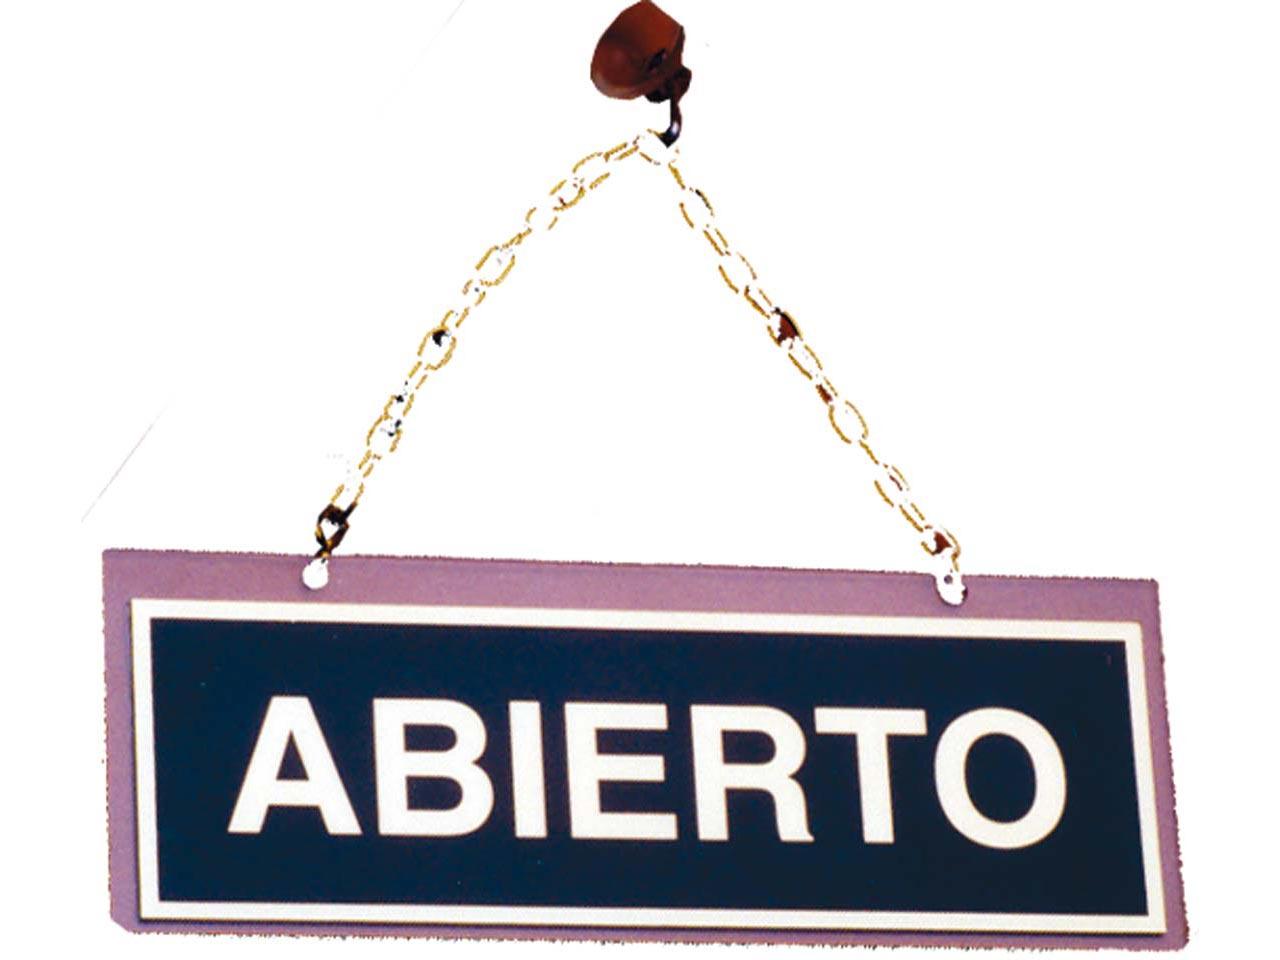 SUFERSA  CARTEL ABIERTO  CERRADO